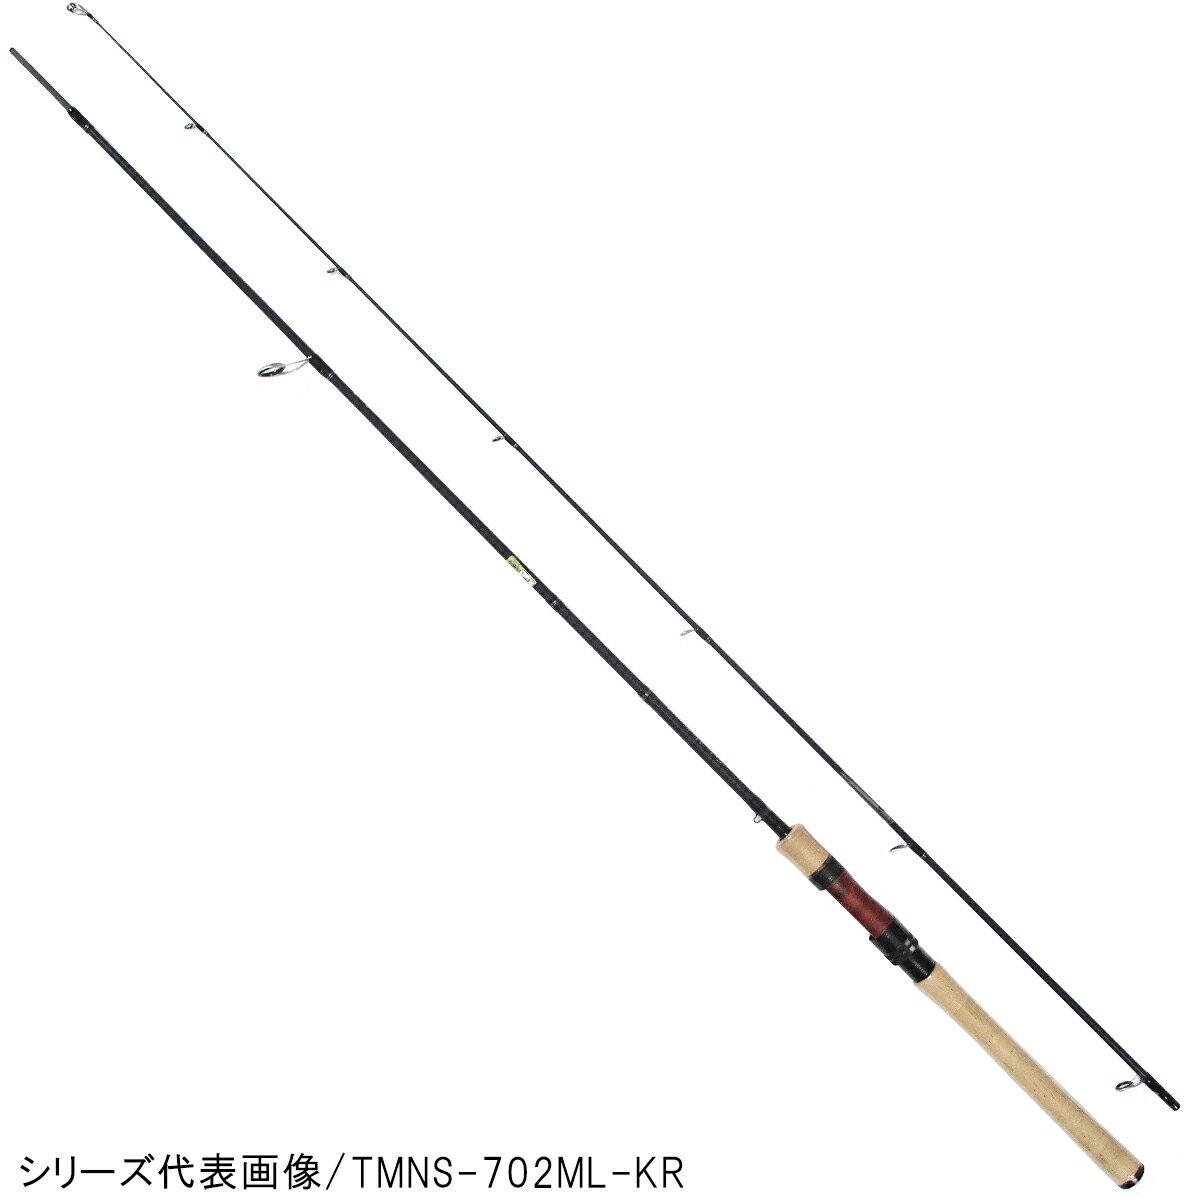 トラウティン マーキス ナノ TMNS-762ML-KR【送料無料】